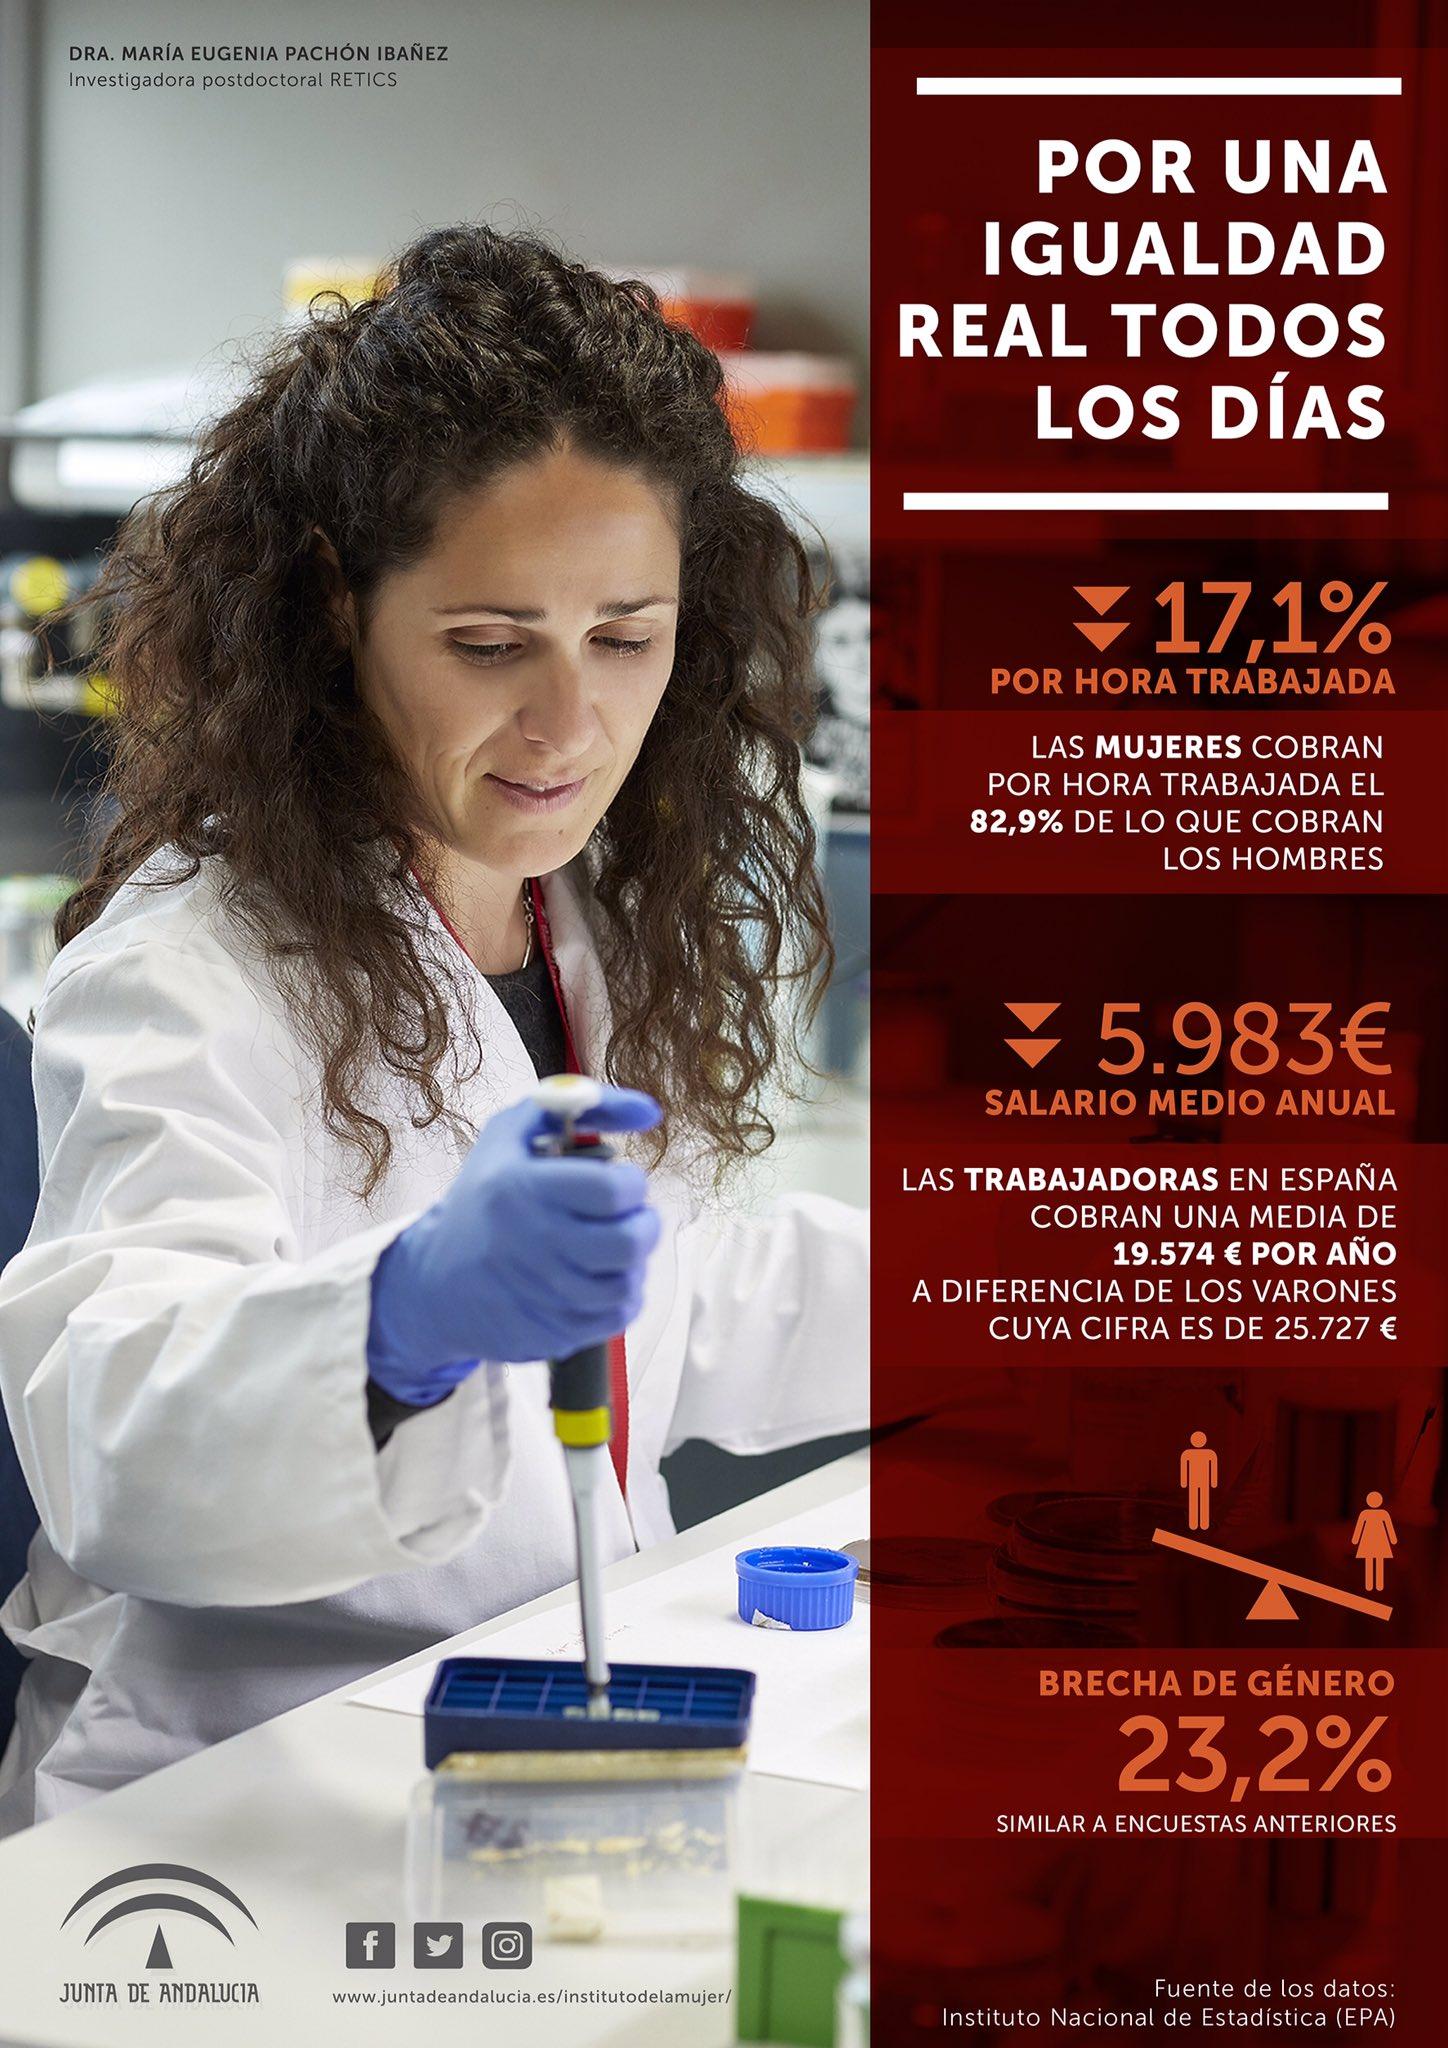 La Junta de Andalucía presenta una campaña contra la discriminación salarial con el fin de poner en valor a las trabajadoras como referentes sociales